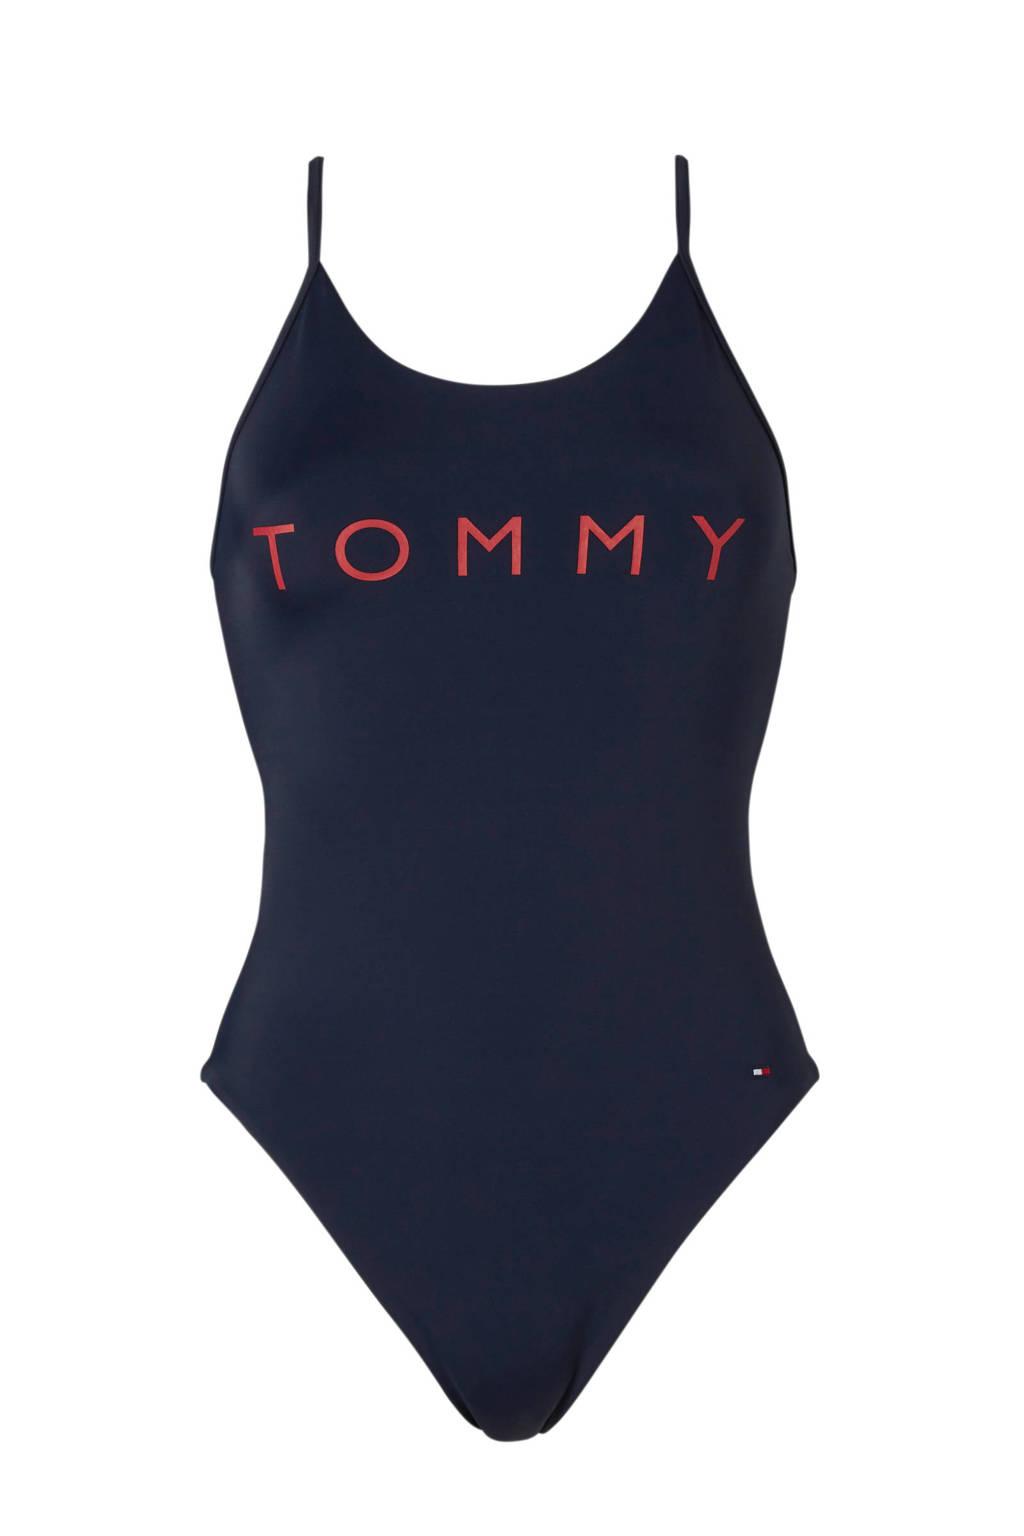 Tommy Hilfiger badpak marine, Marine/rood